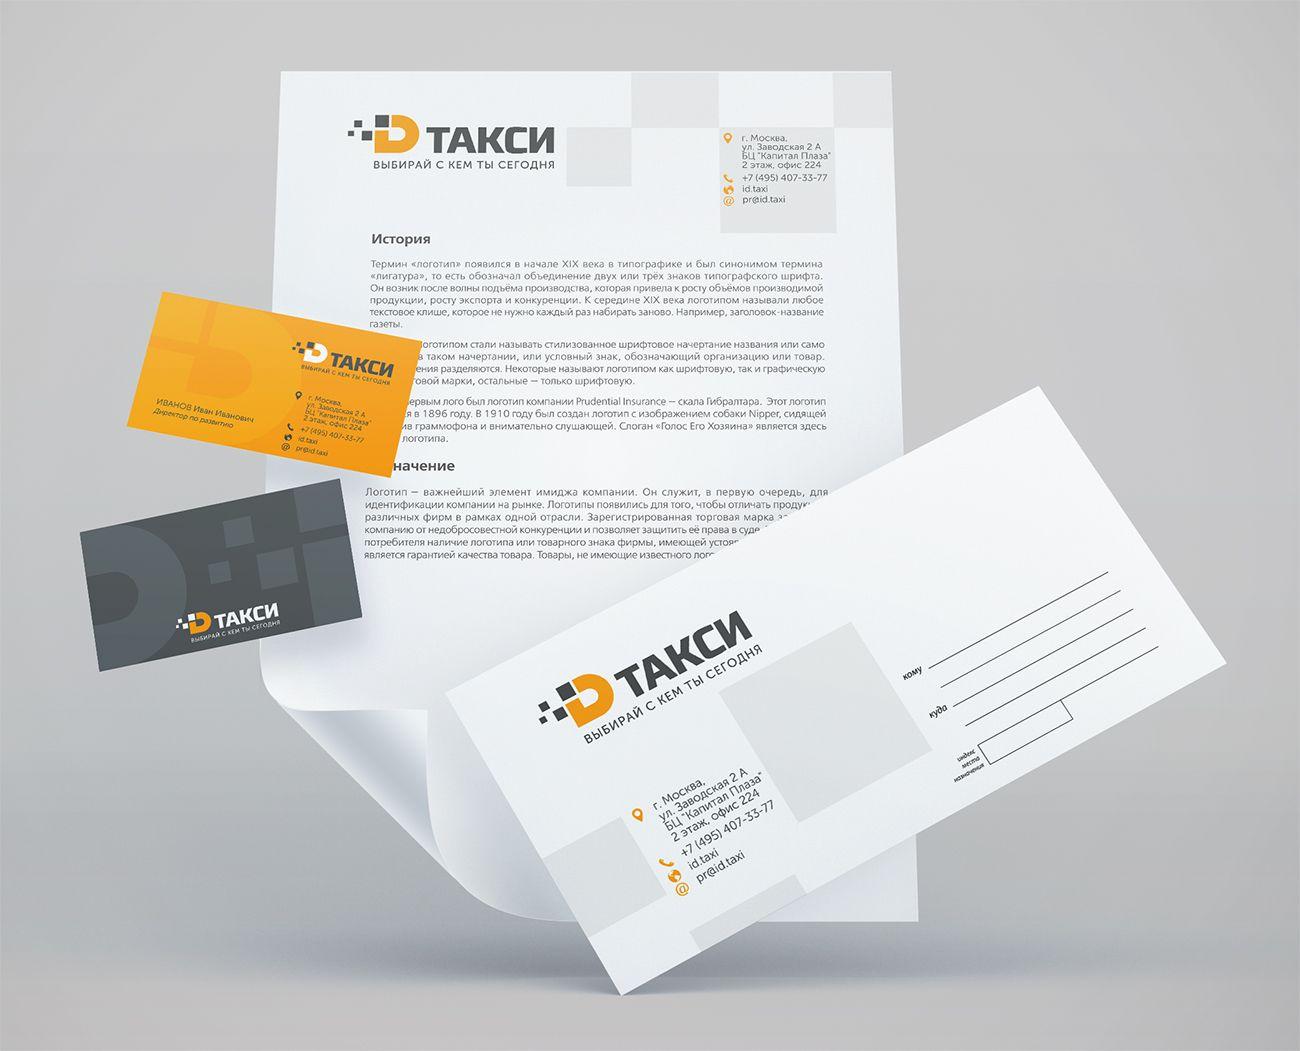 Лого и фирменный стиль для iD Такси - дизайнер mz777